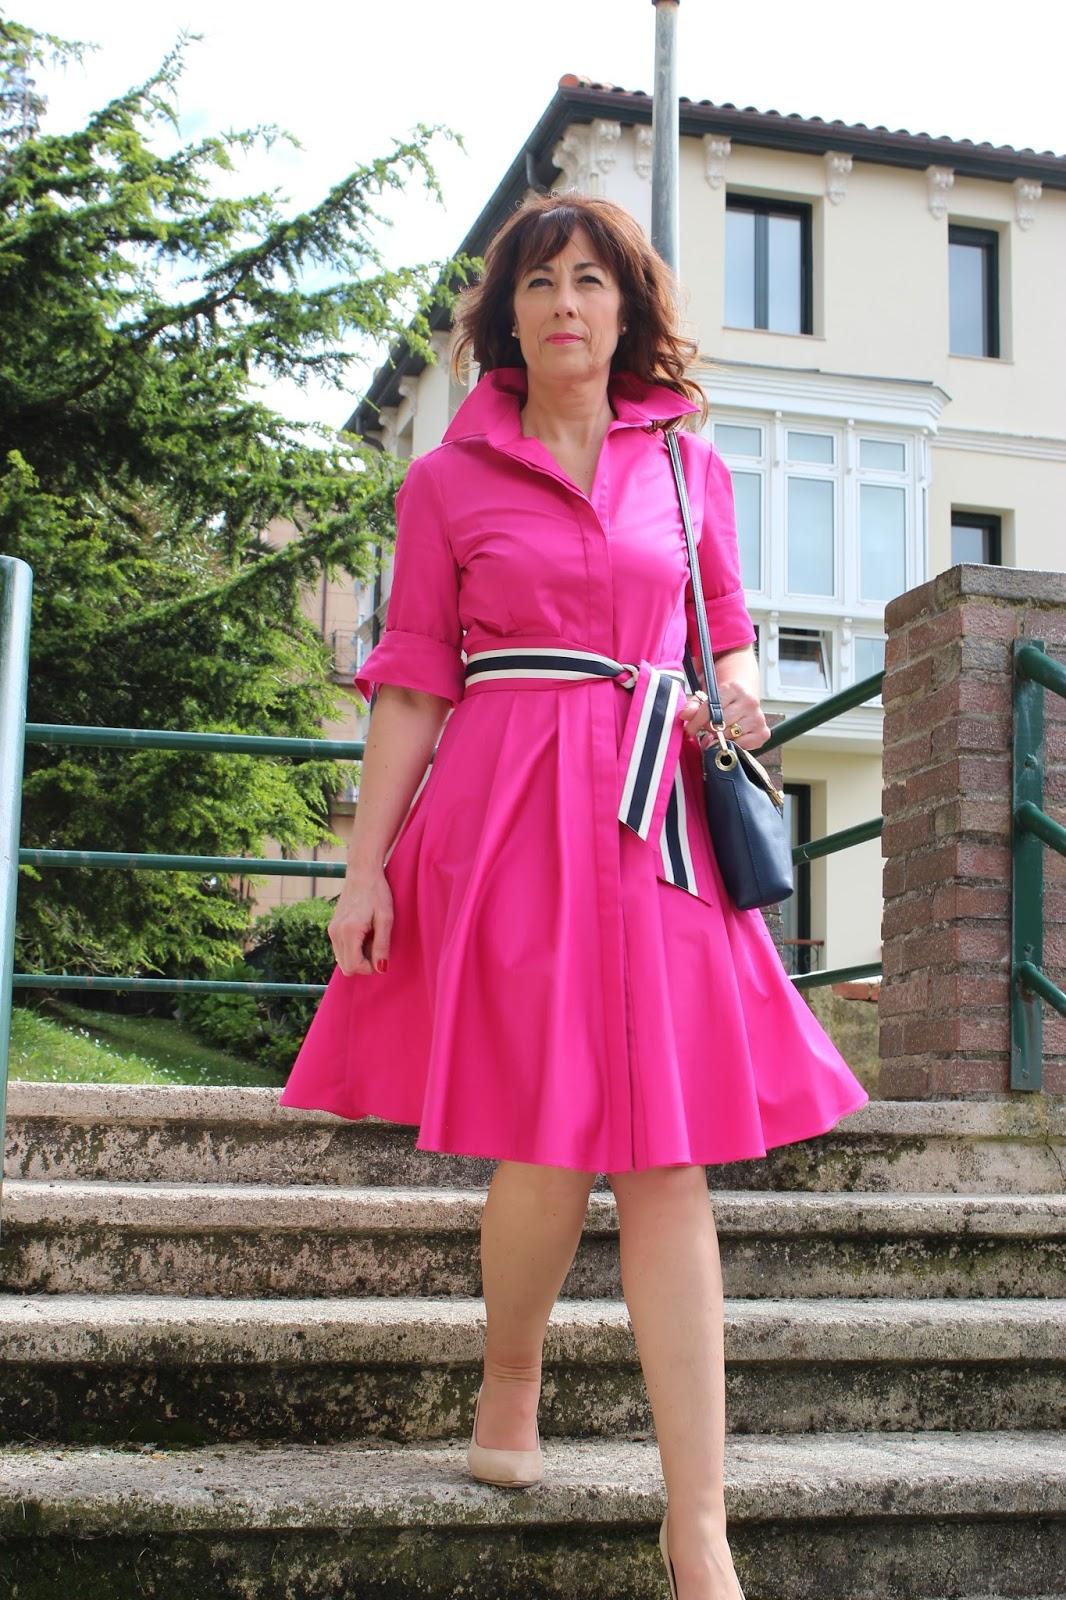 Br jula de estilo mis looks vestido cumplea os - Brujula de estilo ...